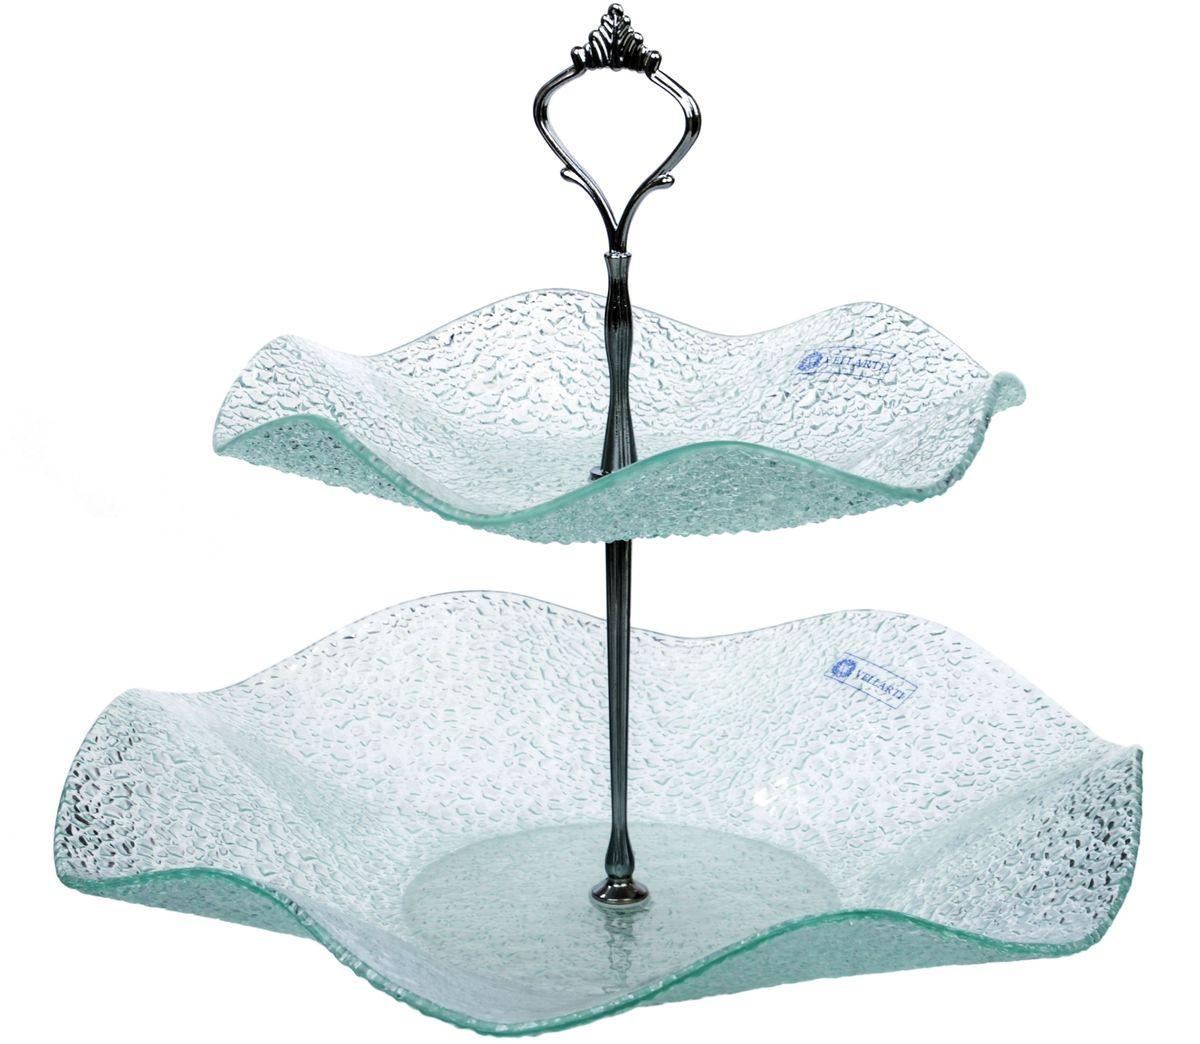 Этажерка 2-ярусная Арт Дон ХрусталикAD10-89HPПосуду в бесцветном варианте и в бронзе можно мыть в ПММ. Допускается использование в СВЧ. Рекомендуется избегать любого механического воздействия на стекло во избежание его крушения. Узорчатое стекло изготавливается методом его нагрева и проката по твердому основанию, которое имеет заданный рельеф. При остывании такого стекла получается изделие, наделенное рельефным узором. Для такой обработки подходит окрашенное в массе, осветленное или обыкновенное стекло. На выходе мы получаем безопасную посуду из моллированного (изогнутого) узорчатого стекла, которая имеет рифленую поверхность снаружи и гладкую внутри. Наличие множества граней преломляет свет, из-за чего посуда выглядит ярко, необычно, оригинально.